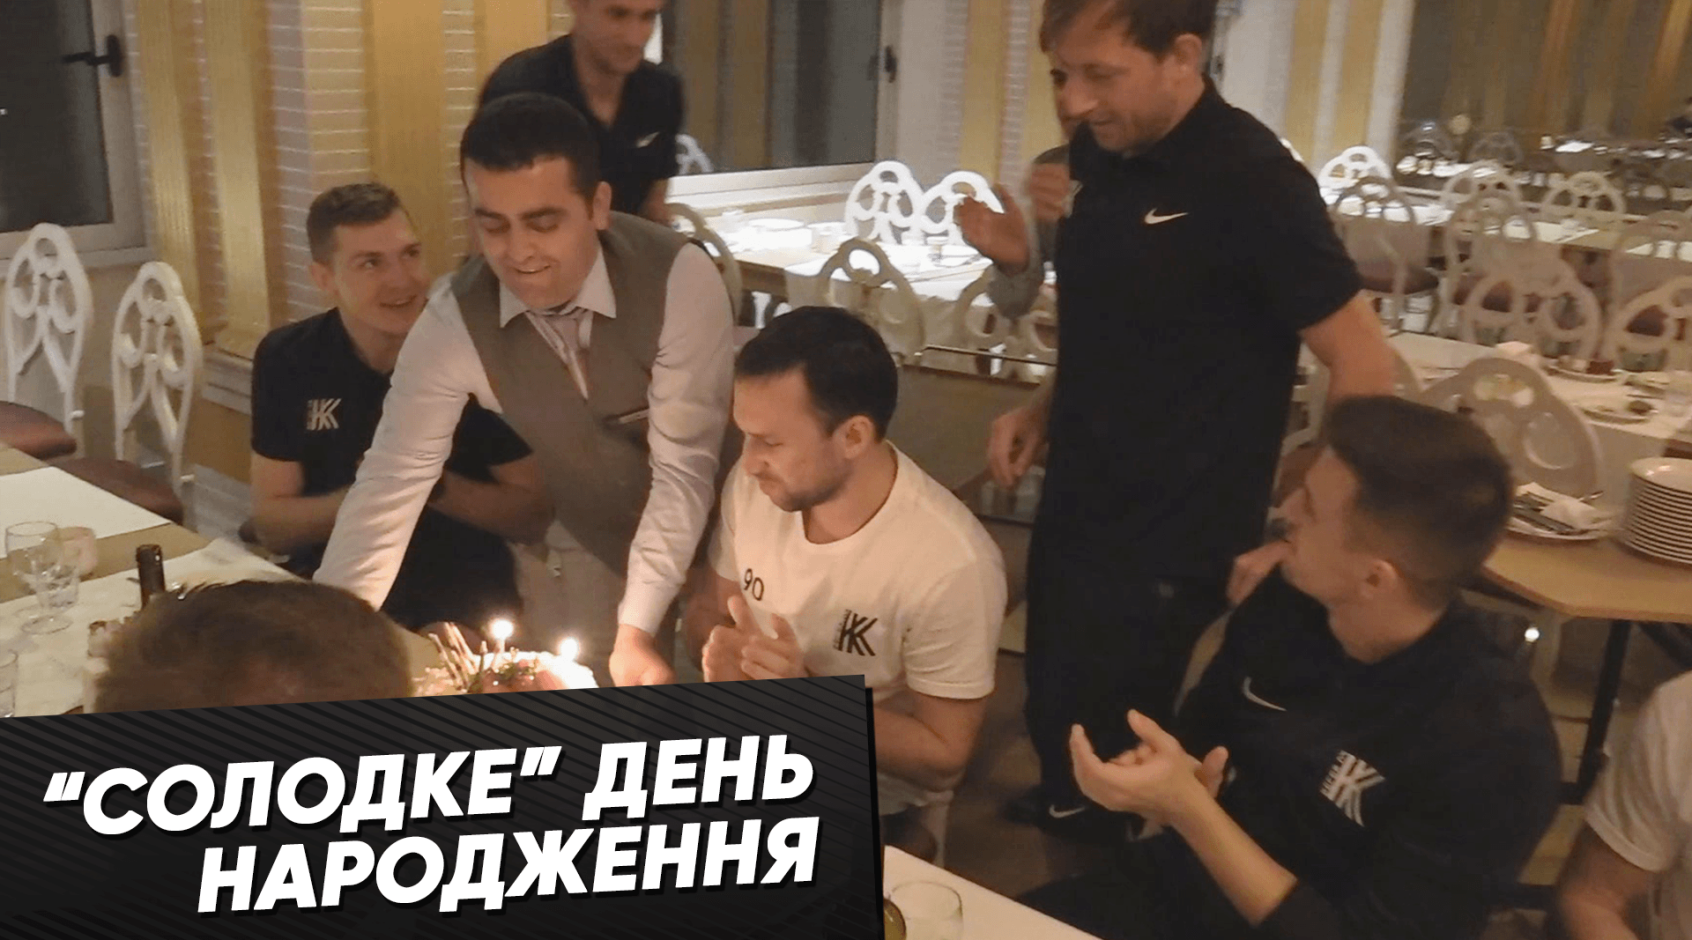 """""""Колос"""" ярко поздравил Богданова с 30-летием, ткнув его лицом в торт (Видео)"""